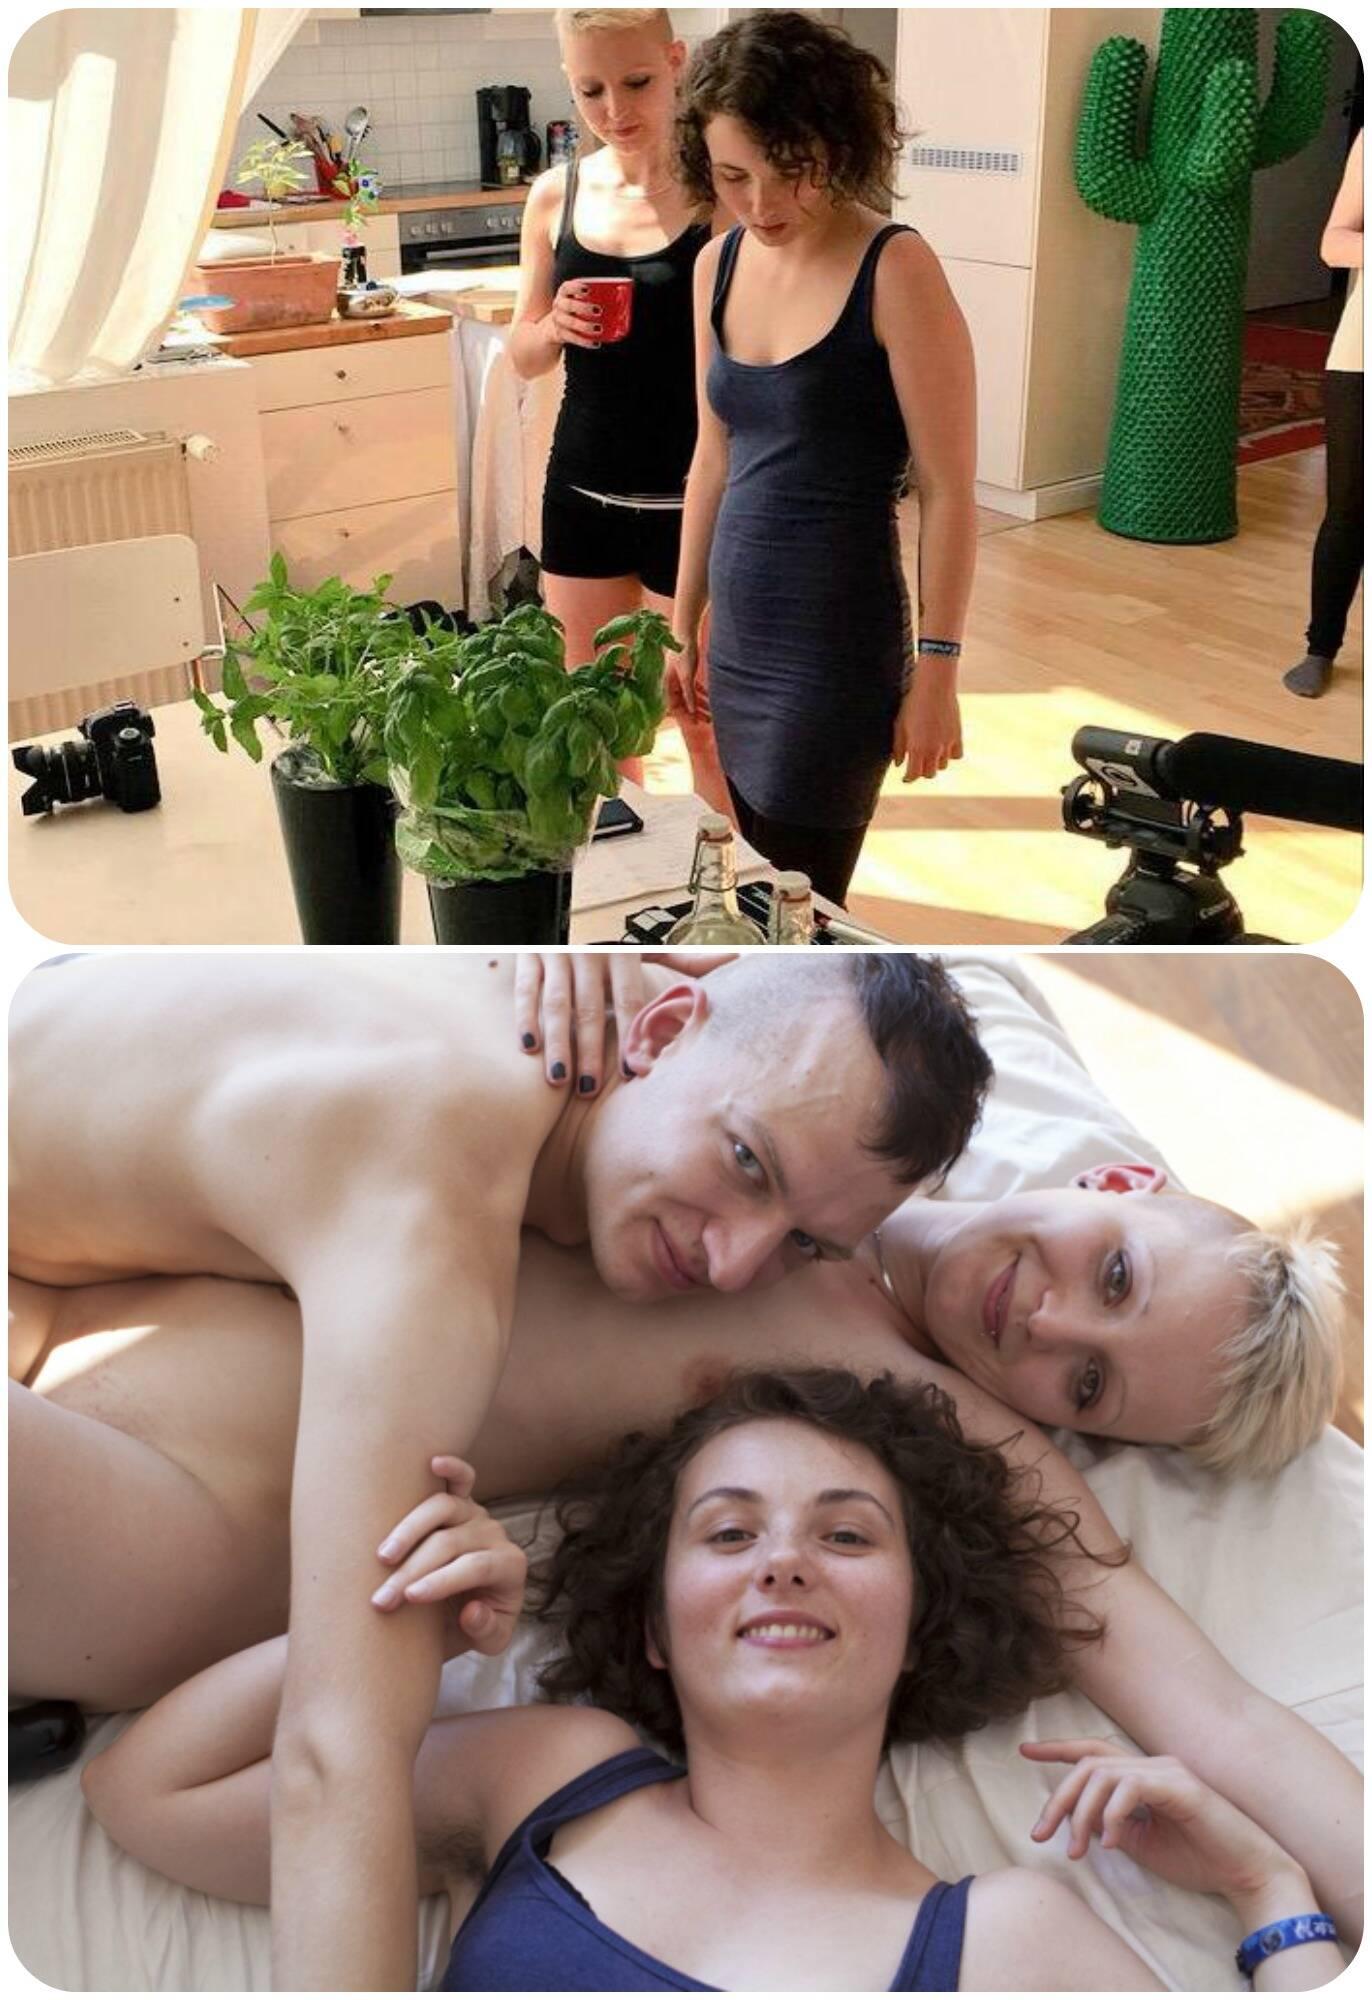 Lucie Bluch, diretora e atriz de filme pornô, é o novo destaque no pornô feminino, que ganhou audiência internacional com a maneira como os seus filmes são produzidos